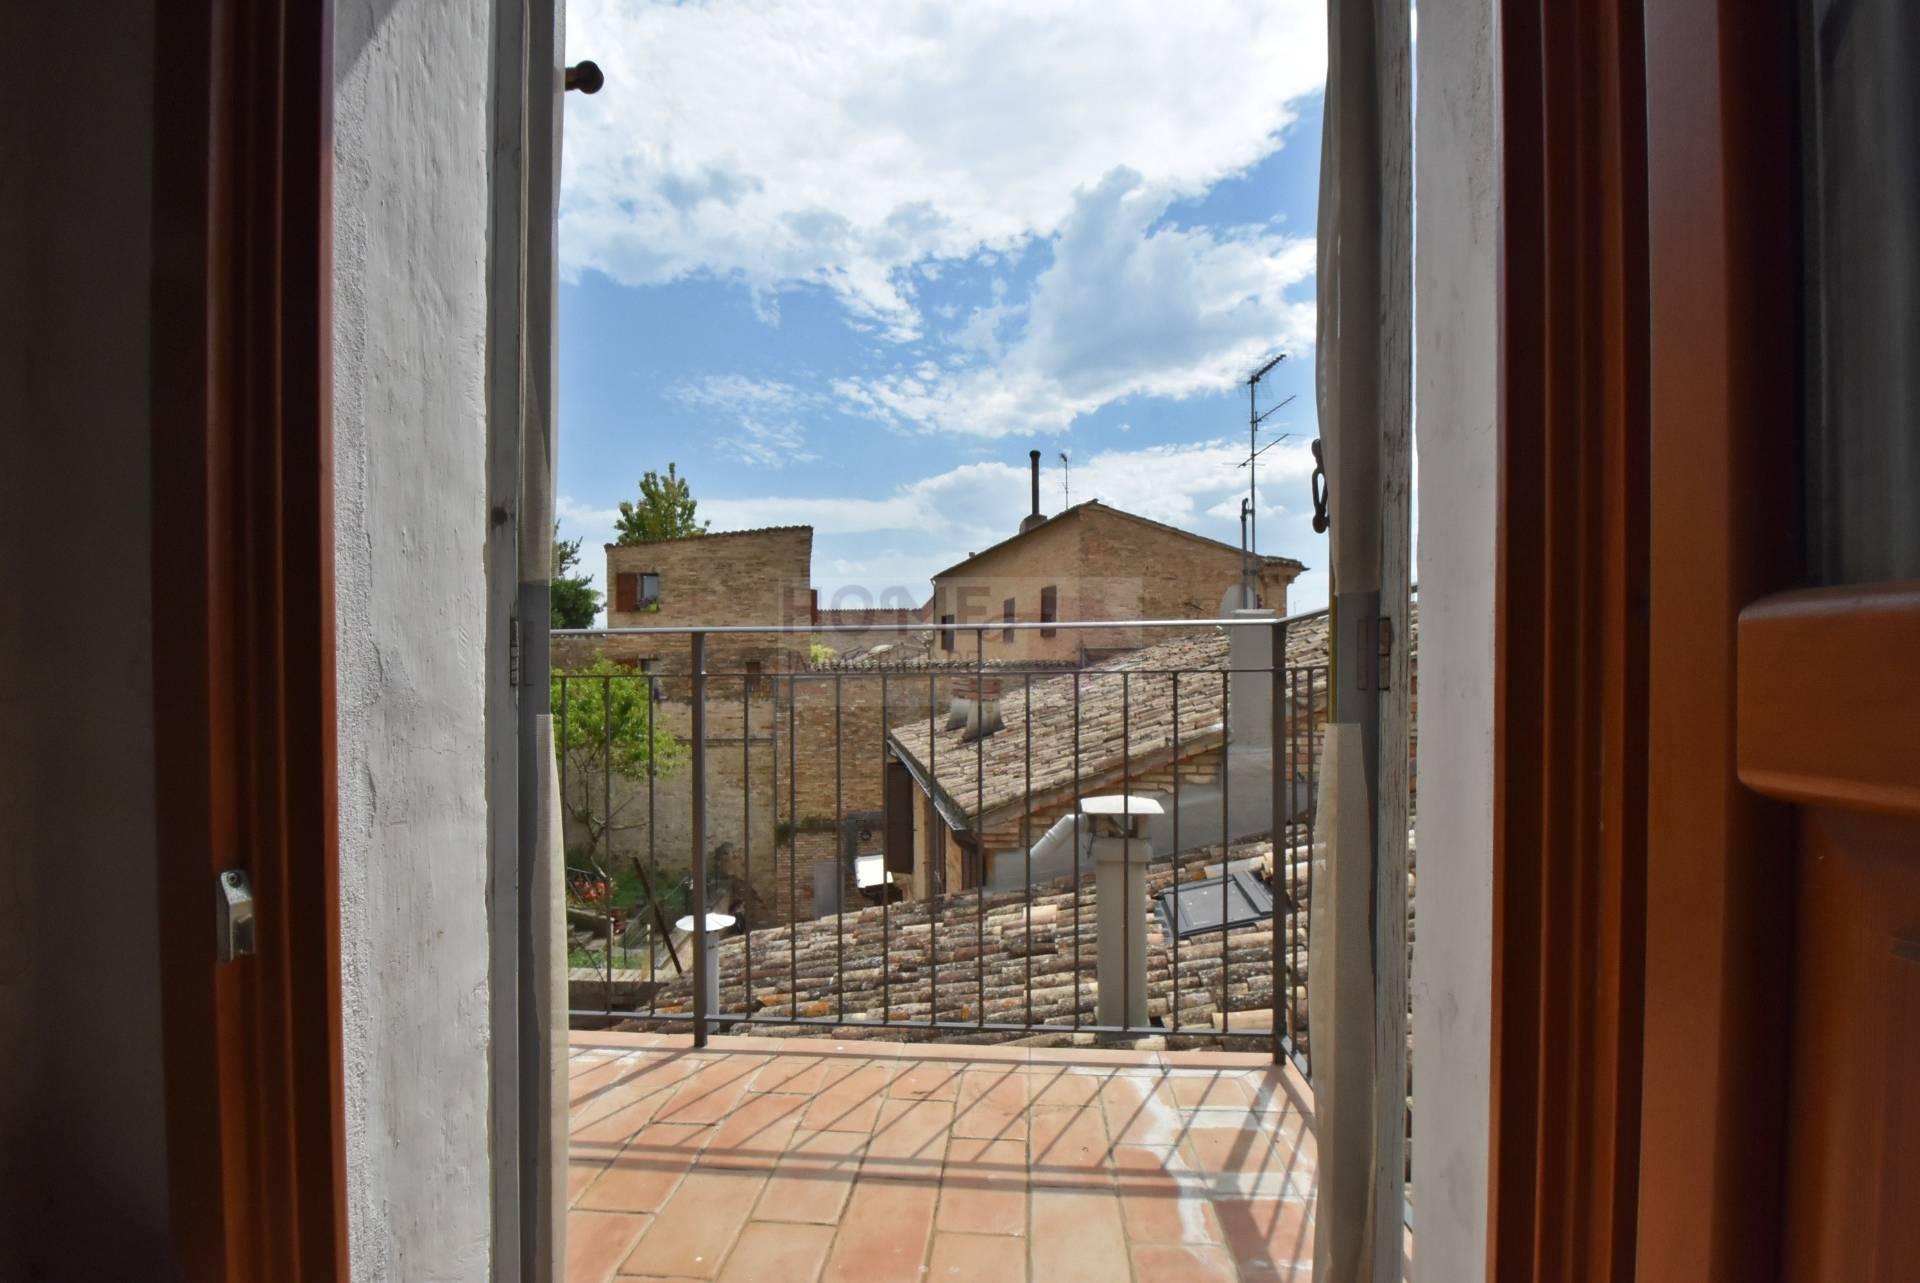 Appartamento in vendita a Macerata, 7 locali, zona Località: Centrostorico, prezzo € 110.000 | Cambio Casa.it